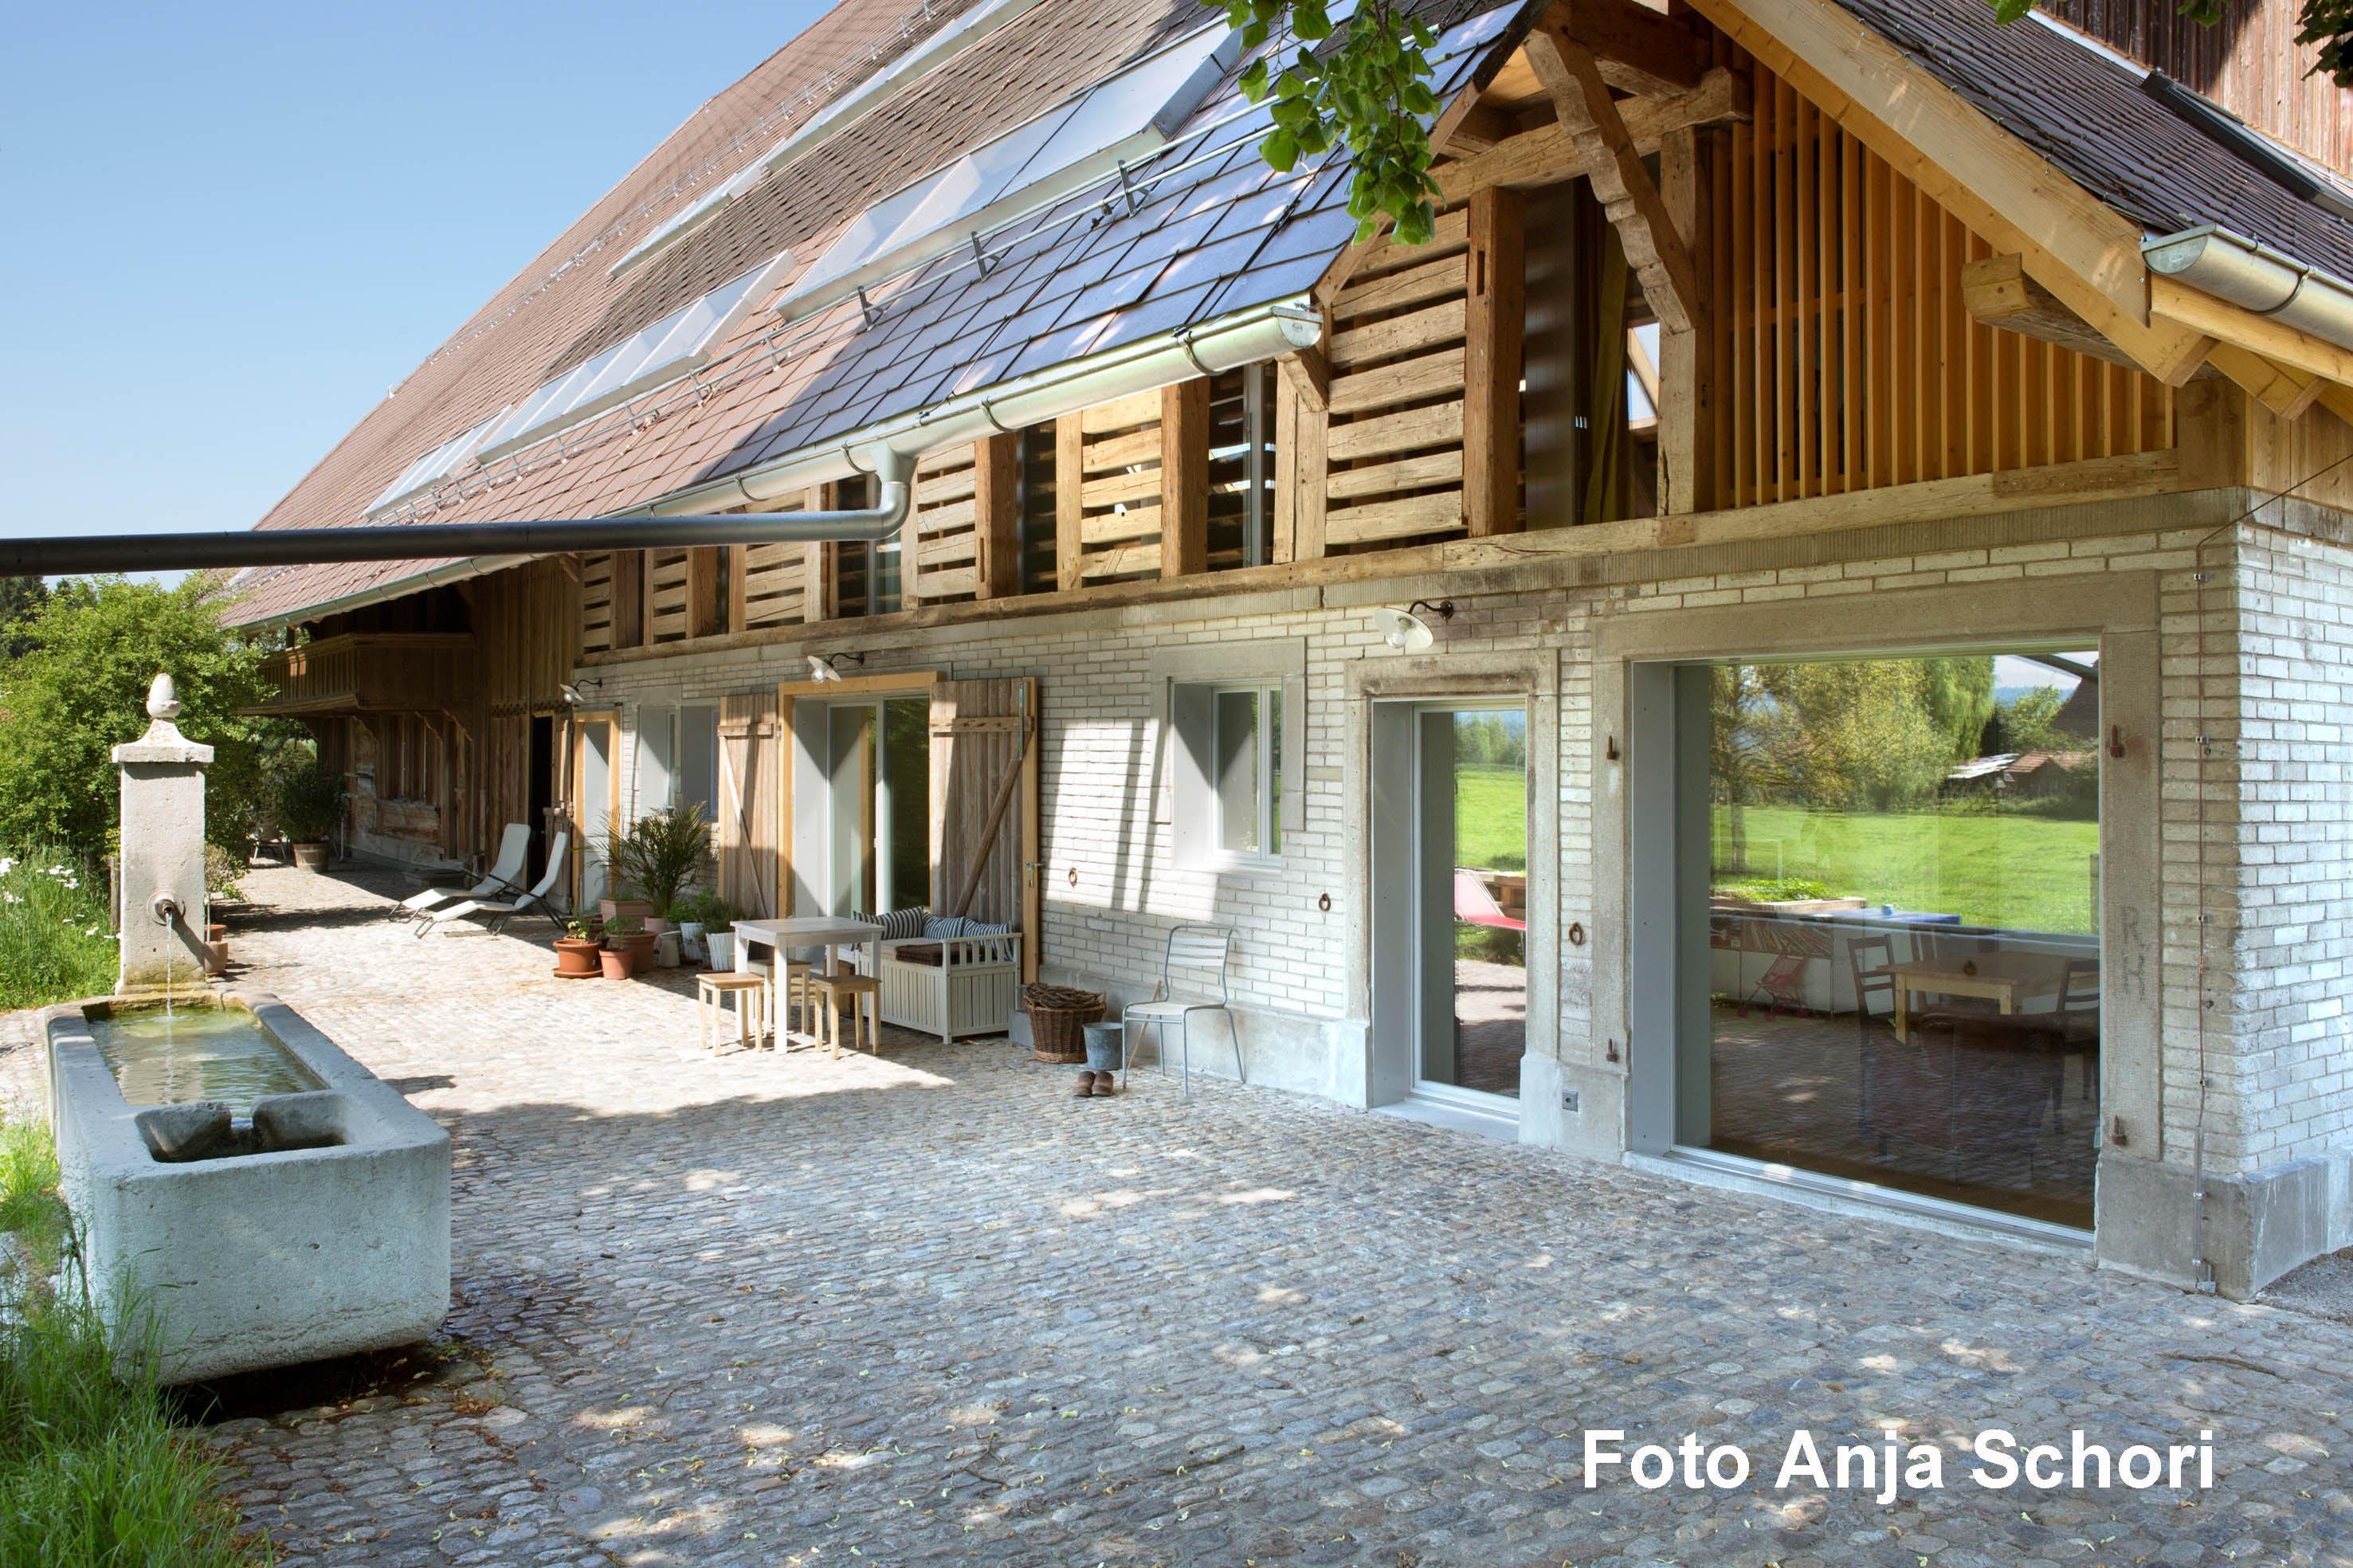 Bauernhaus in der Holzmühle Münchringen